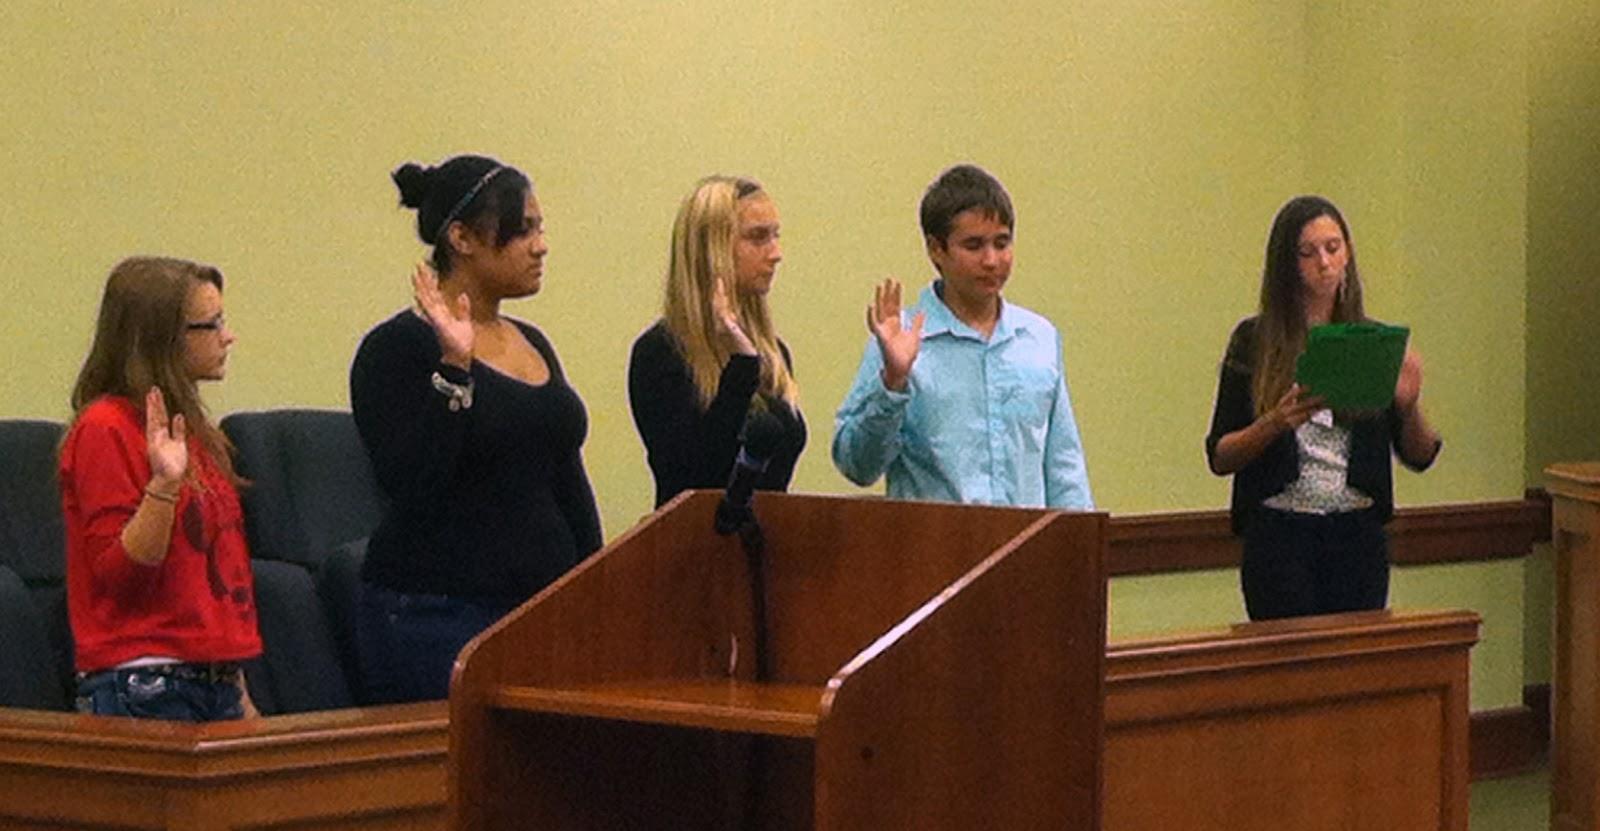 Kentucky teen court initiative